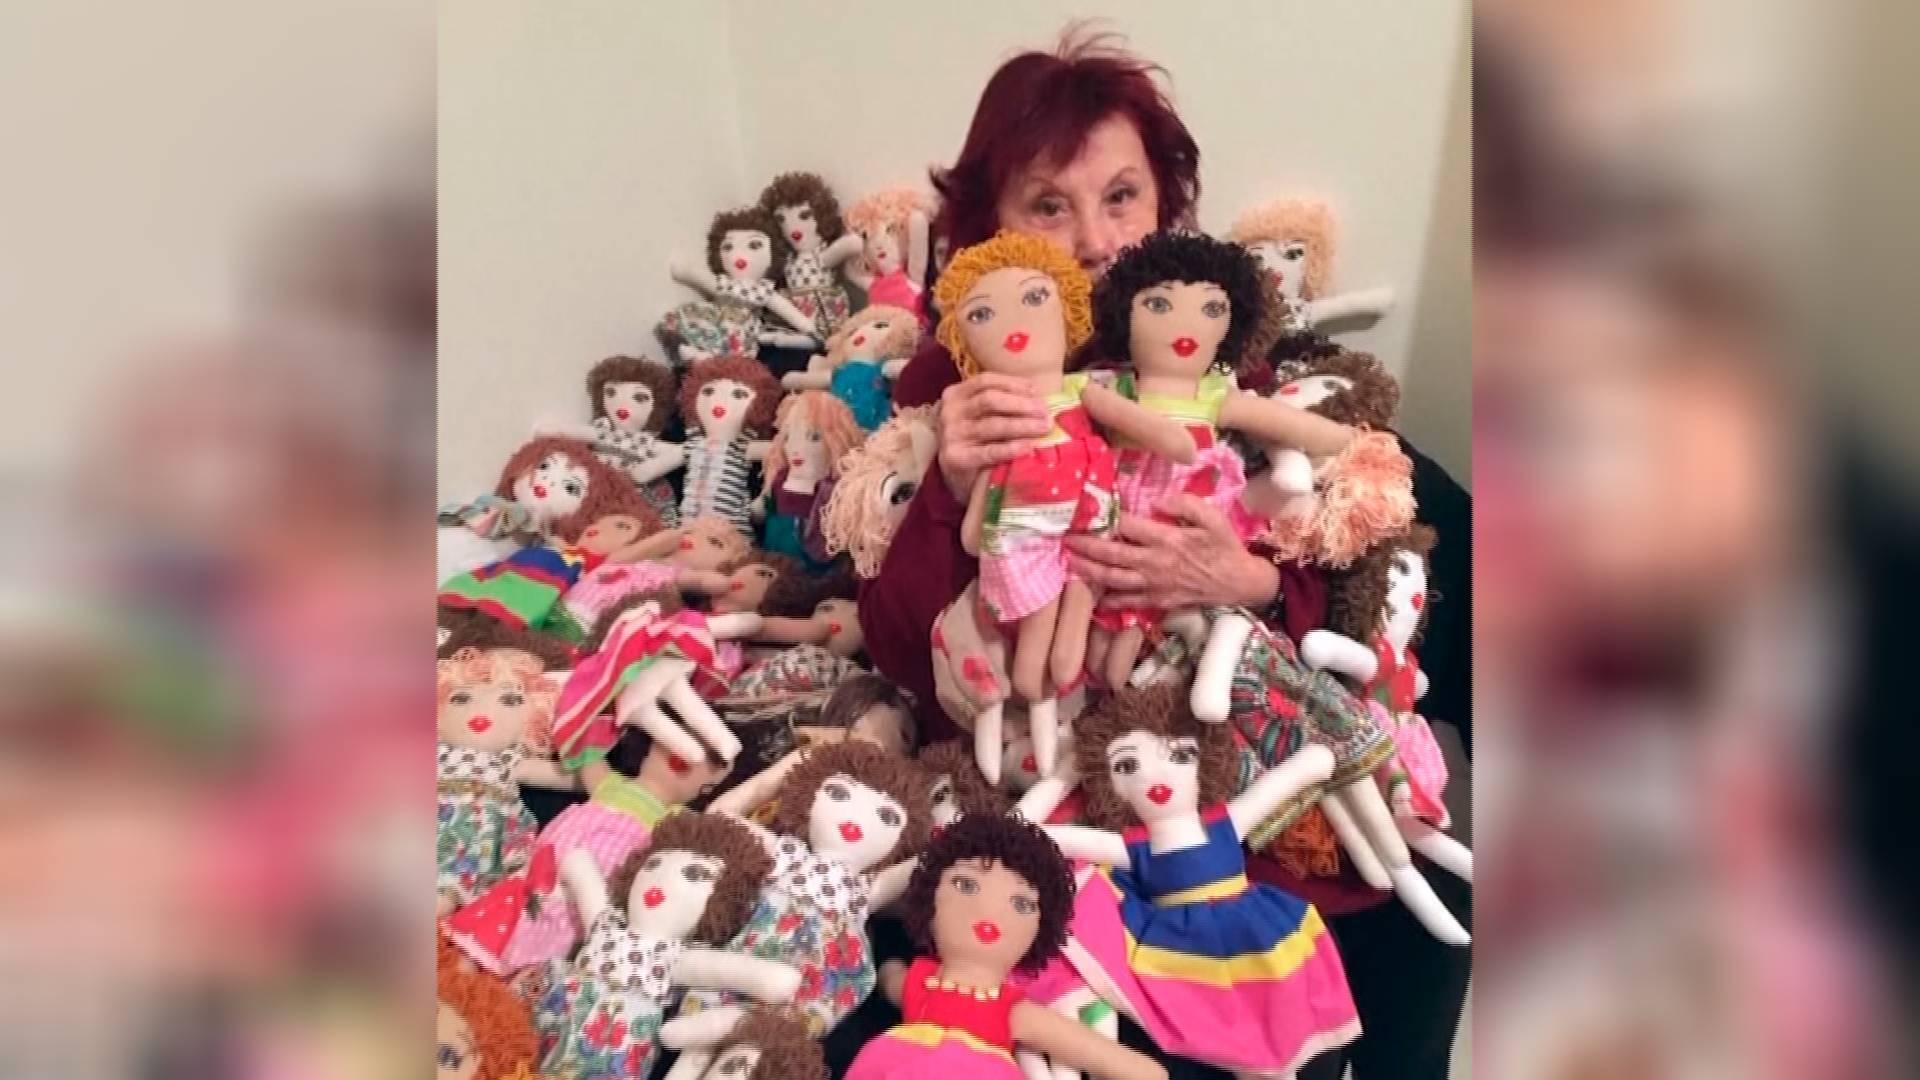 40秒丨黎巴嫩93岁奶奶为孩子缝制100个布娃娃,用爱抚平贝鲁特港大爆炸带来的伤痛